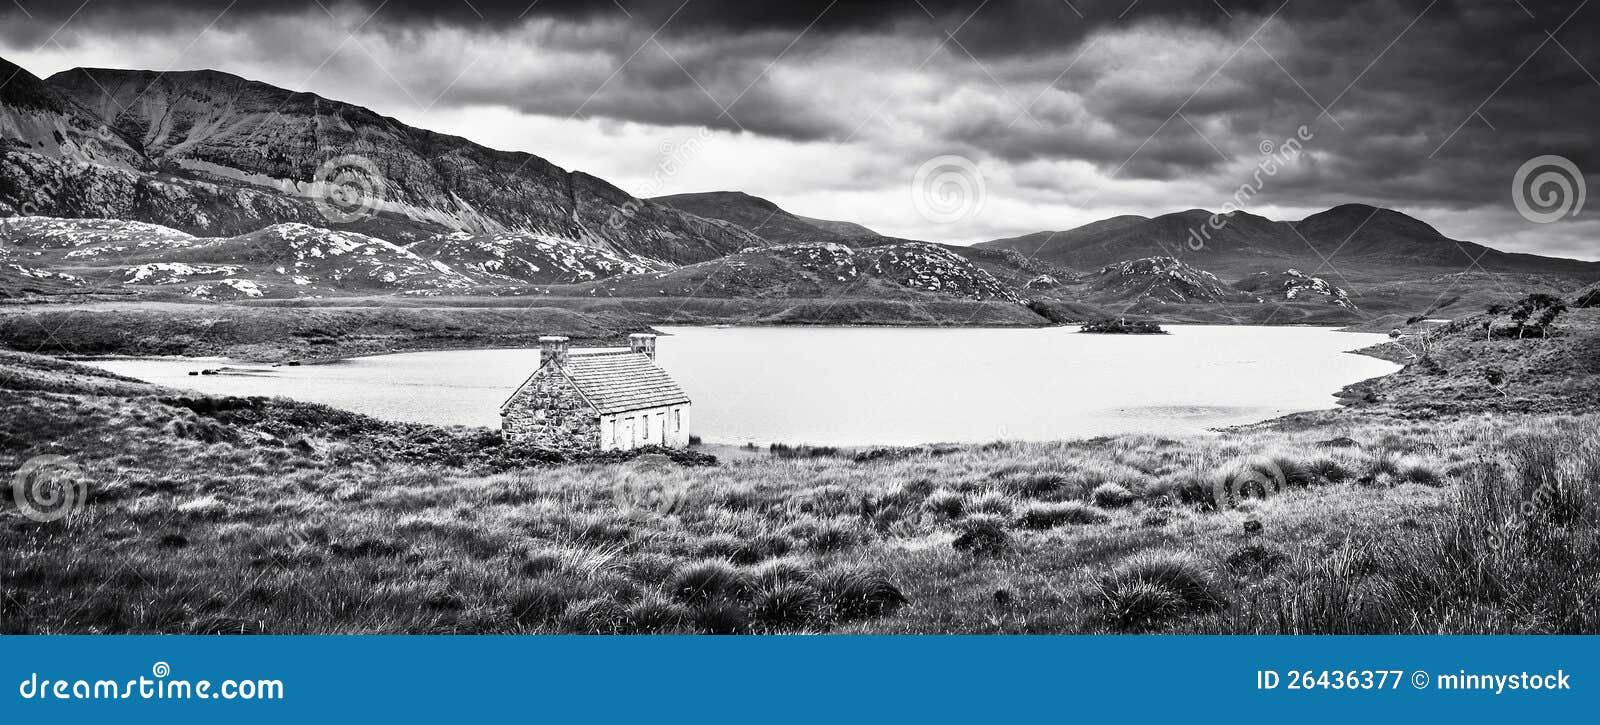 Drastische Landschaft auf Insel von verrühren, Schottland